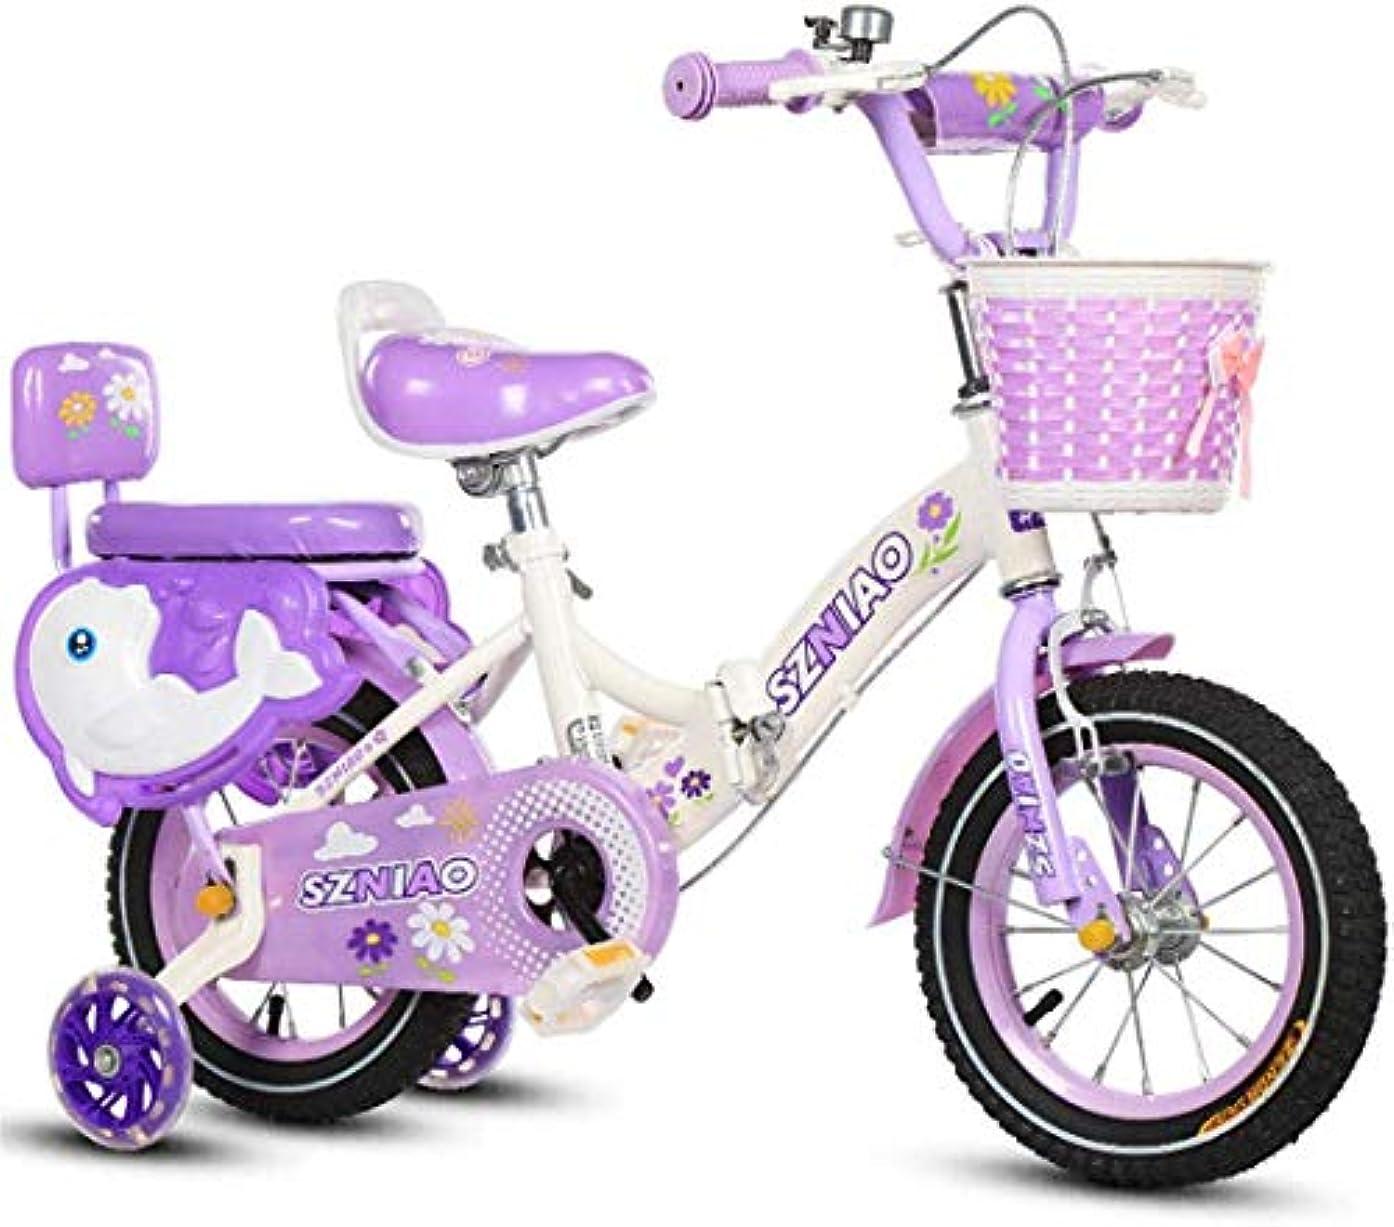 感謝インキュバス方法論トレーニングホイールと高炭素鋼の子供の安全自転車折り畳み自転車